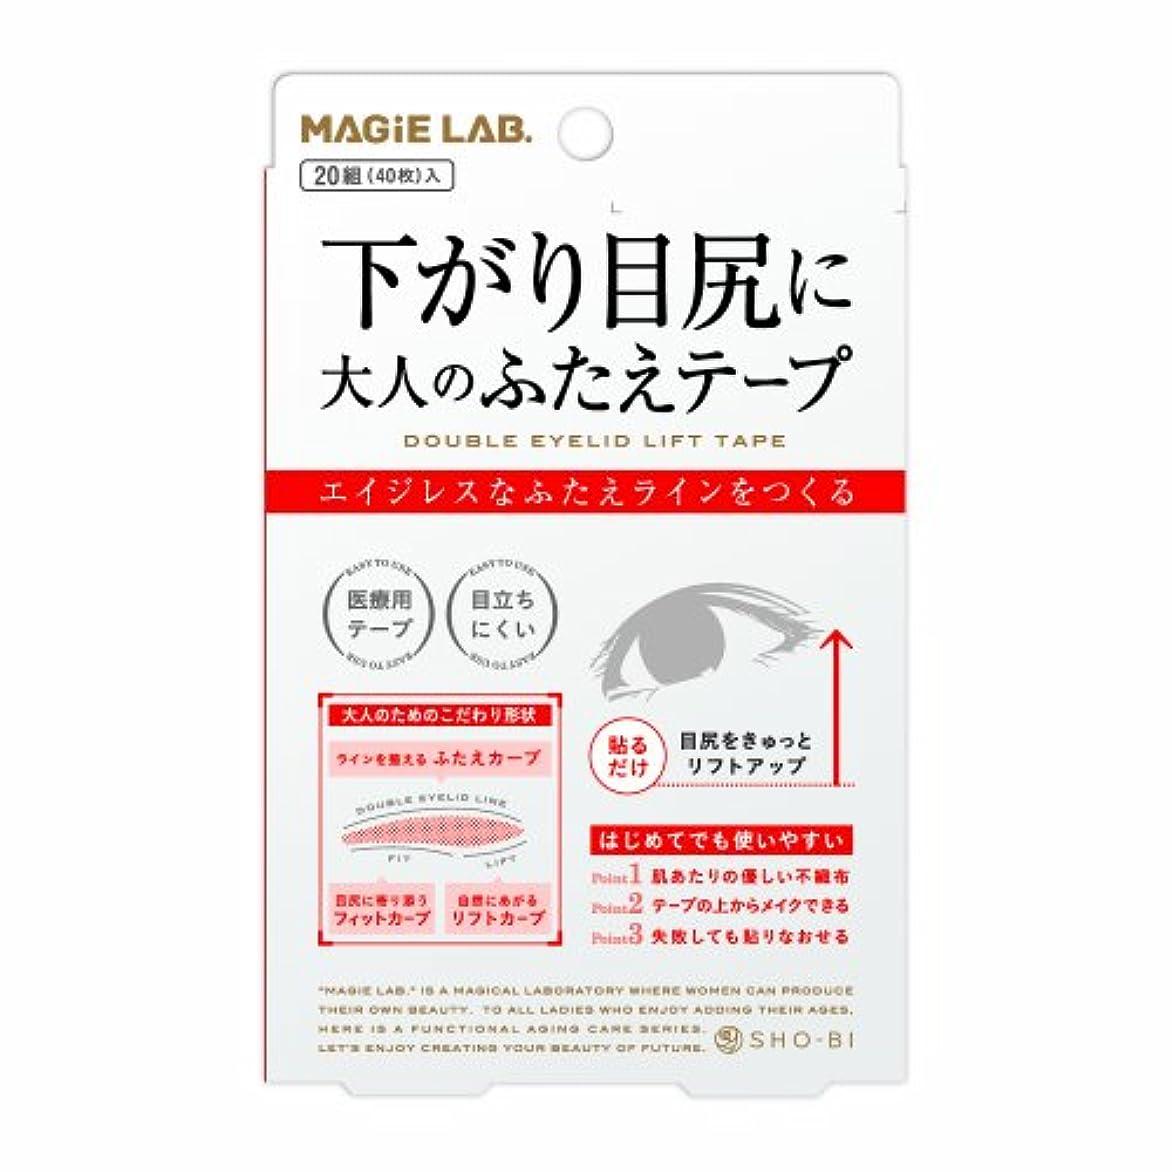 転用敵対的たっぷりMG22105 下がり目尻に 大人のふたえープ 20組40枚入 整形テープ マジラボ MAGiE LAB.